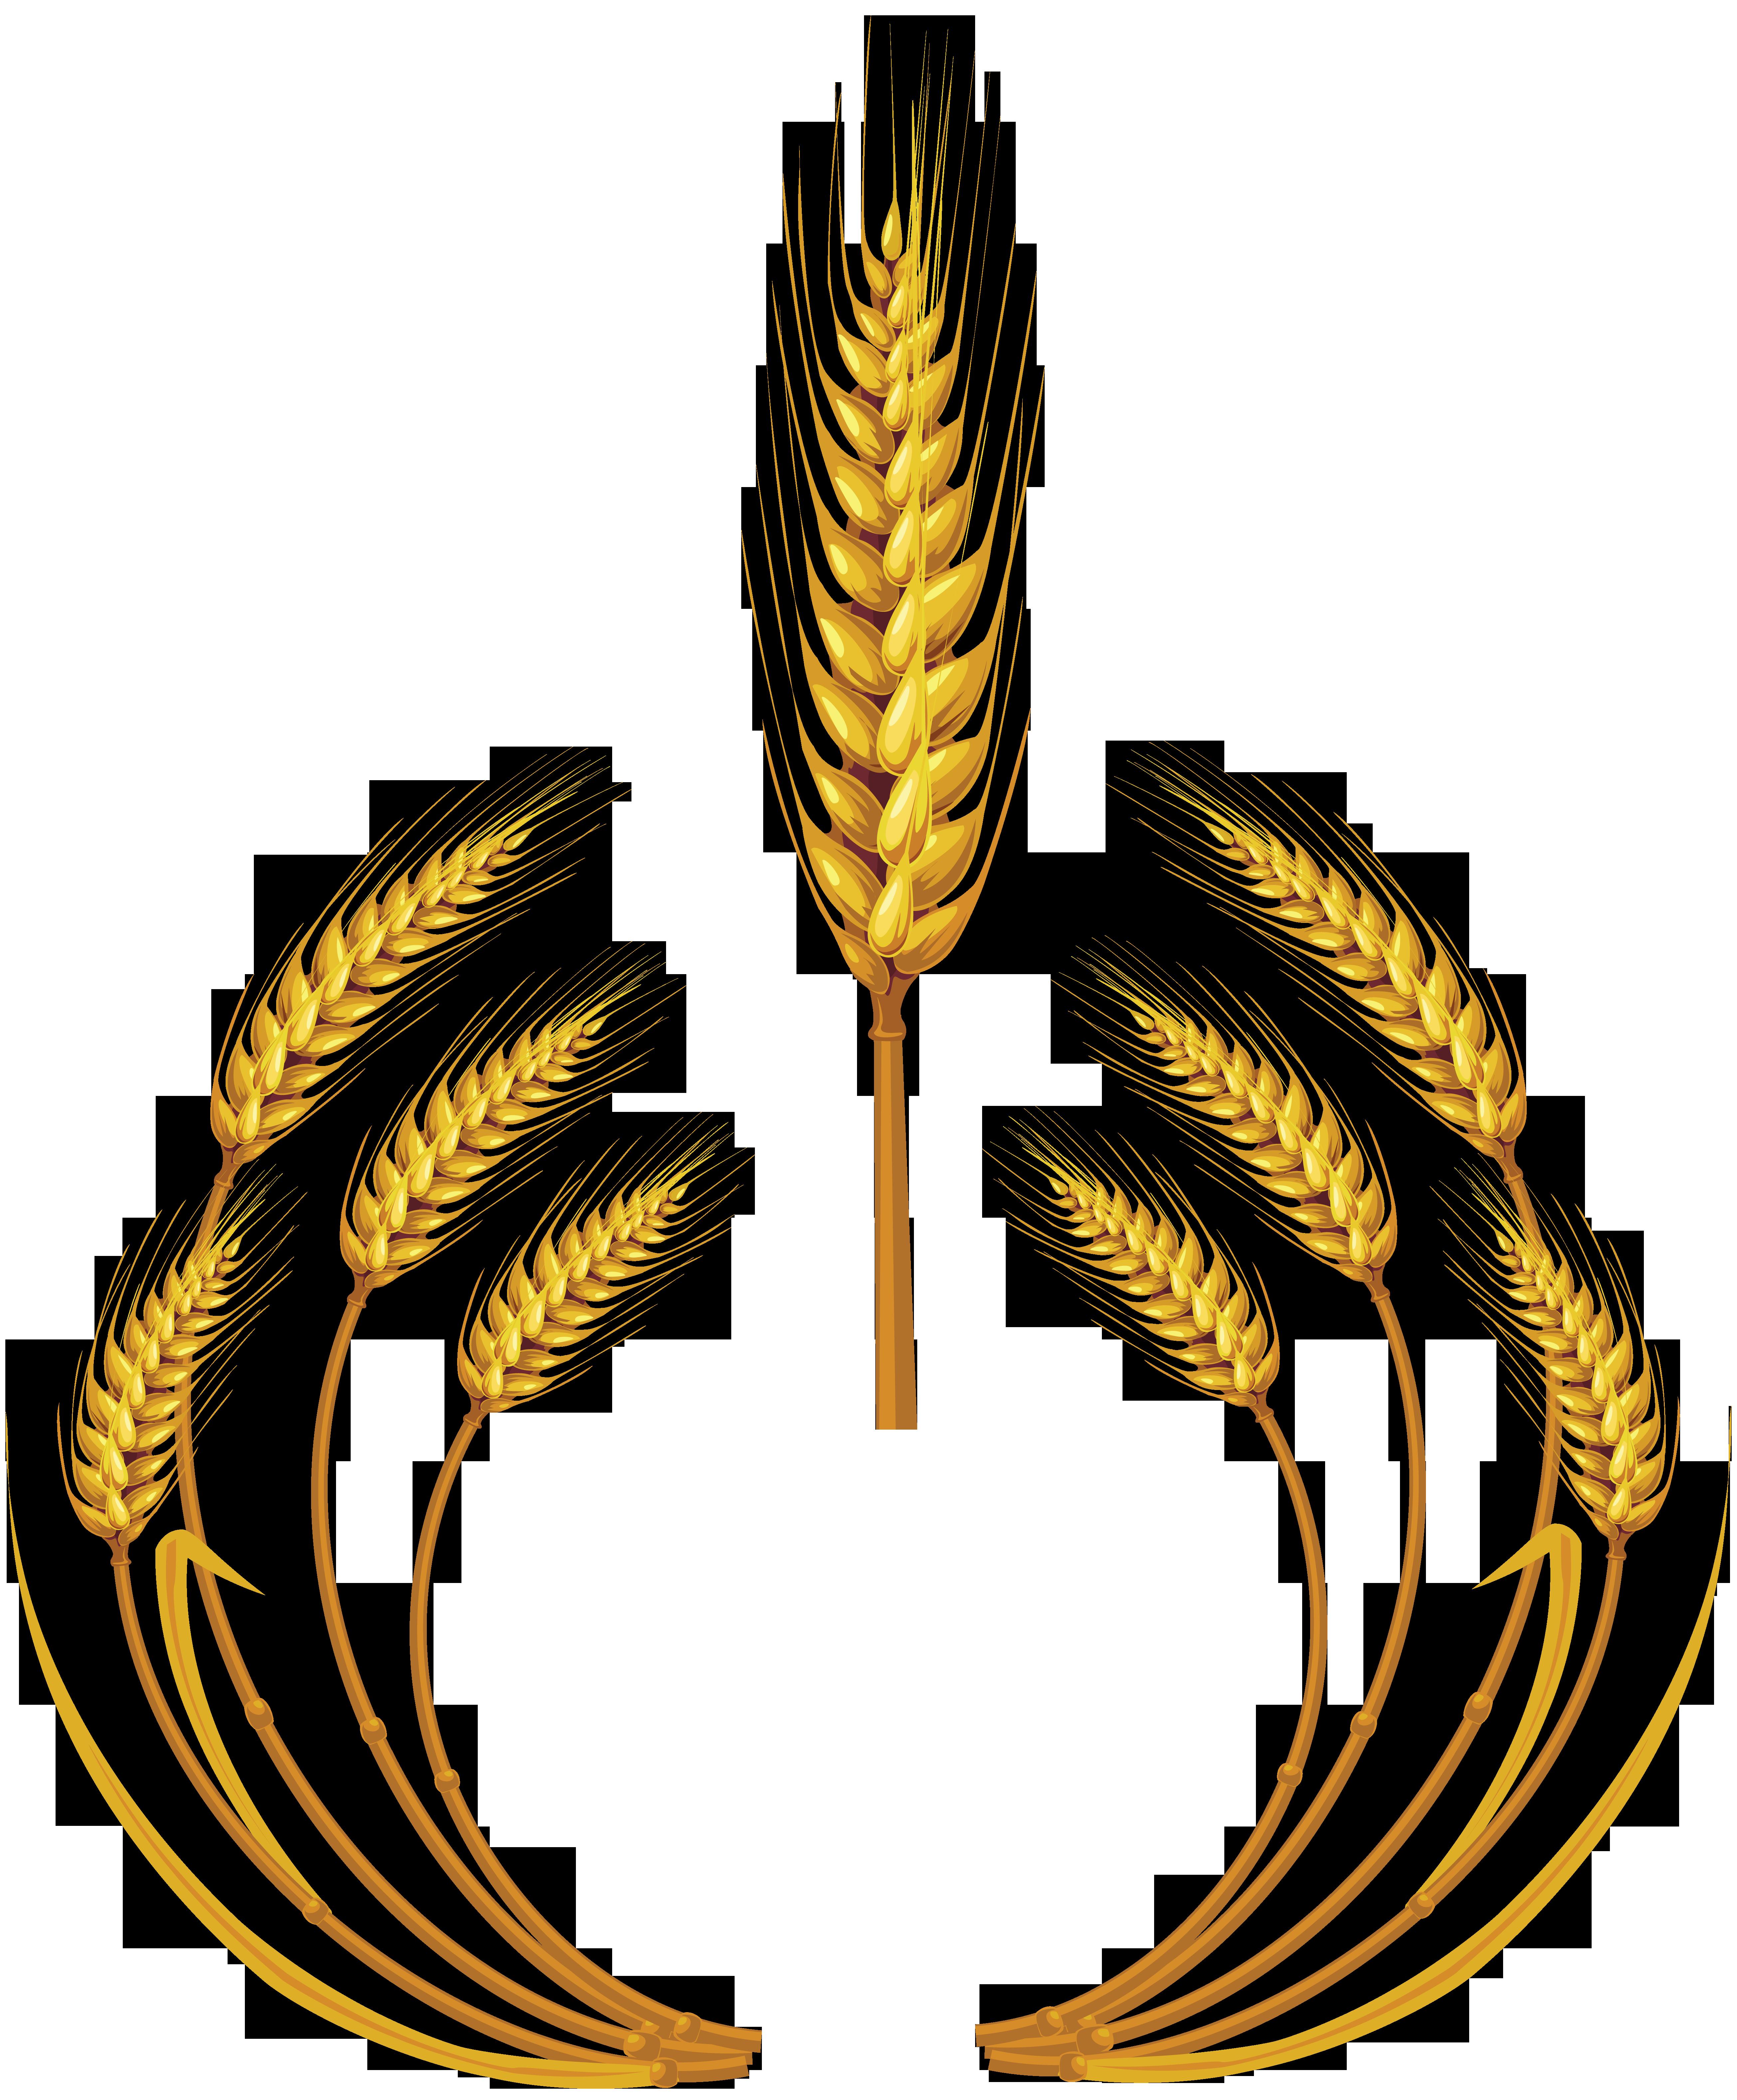 Grain clipart wheat logo, Grain wheat logo Transparent FREE.